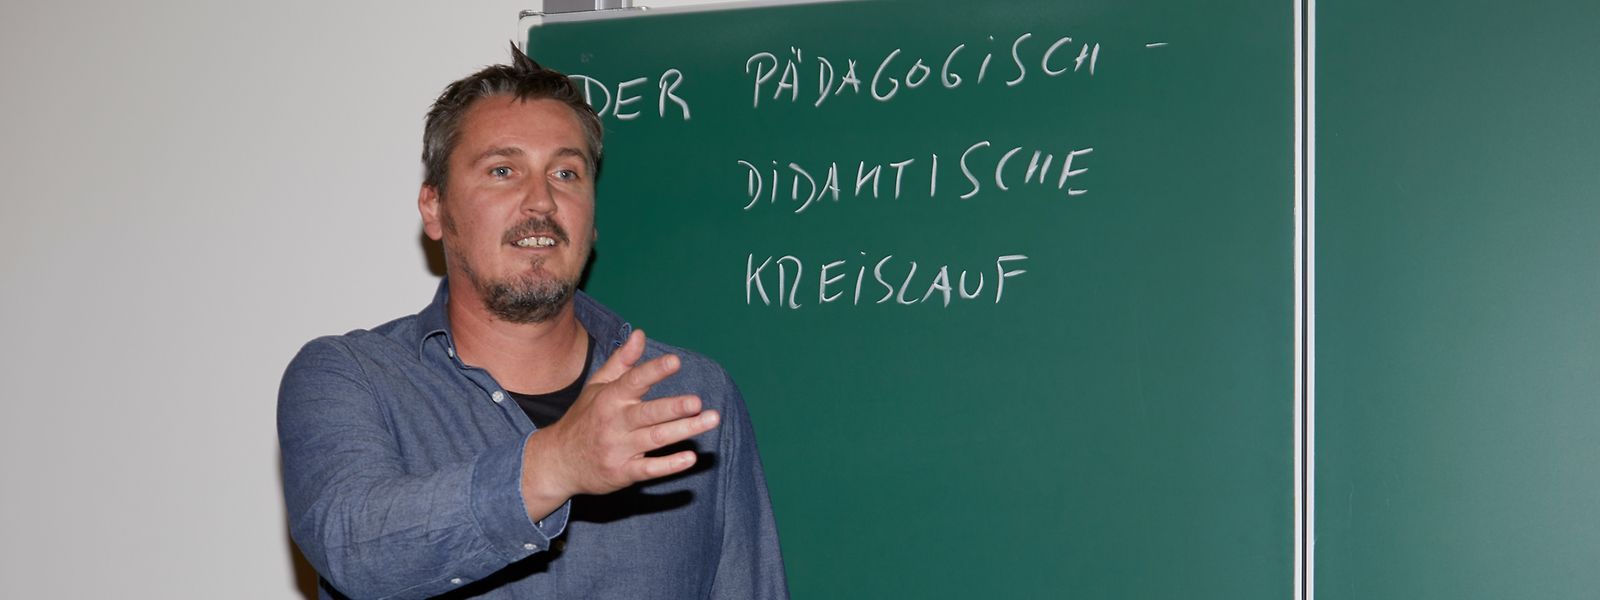 Mike Feyder unterrichtet Deontologie im Lycée technique pour professions éducatives et sociales in Mersch und beschäftigt sich dabei mit ethischen Fragen.